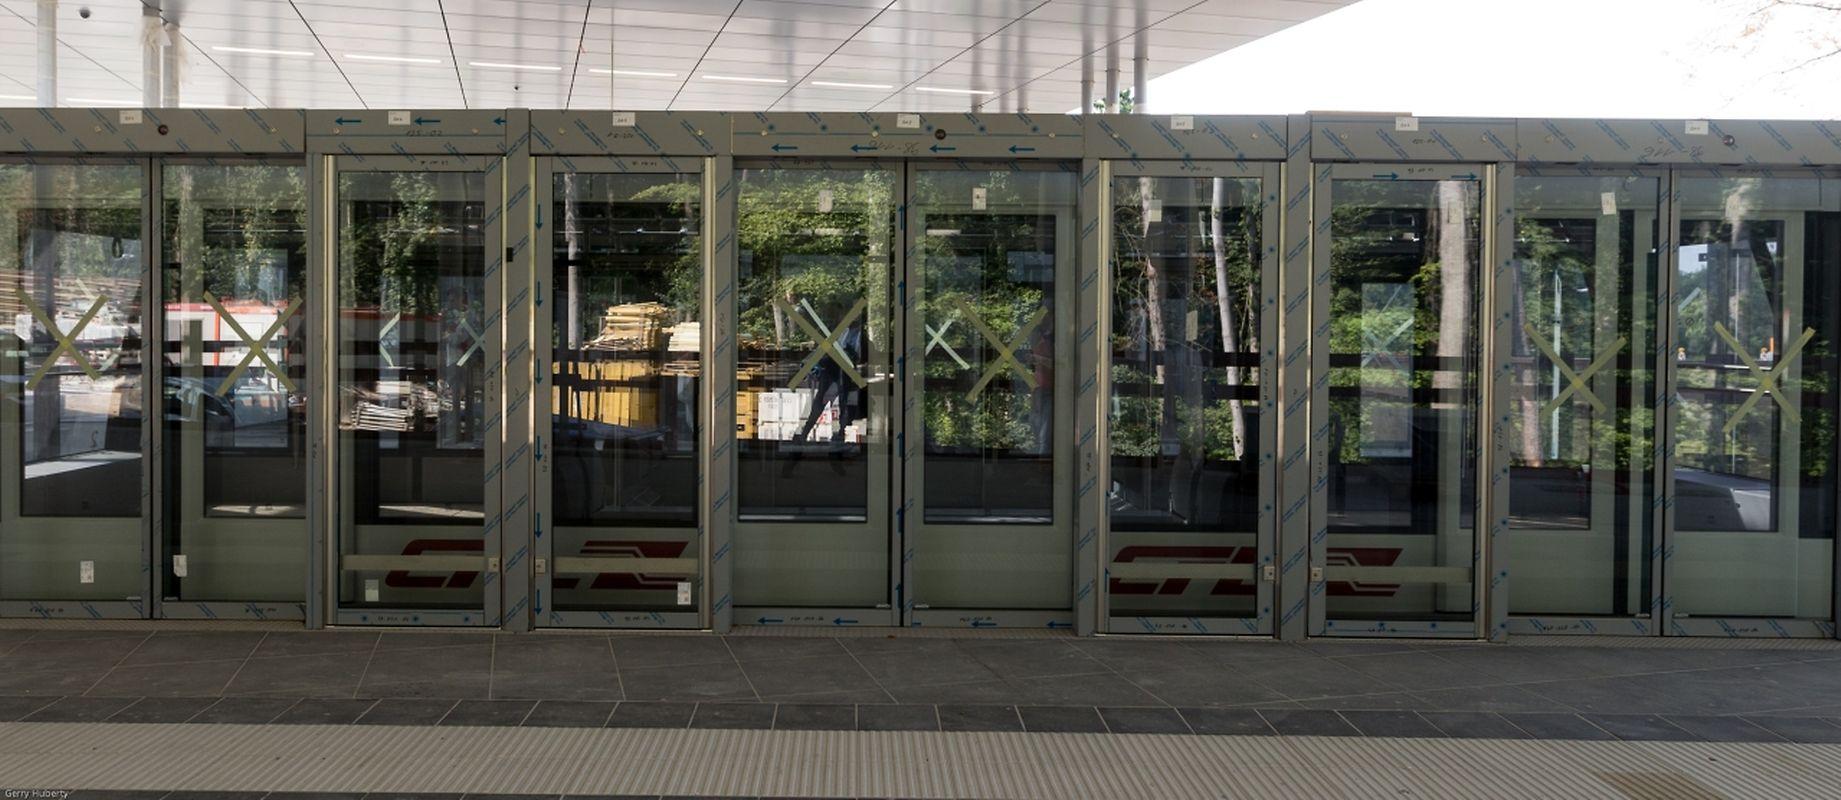 Une cabine à l'arrêt dans la gare, les portes s'ouvrent automatiquement